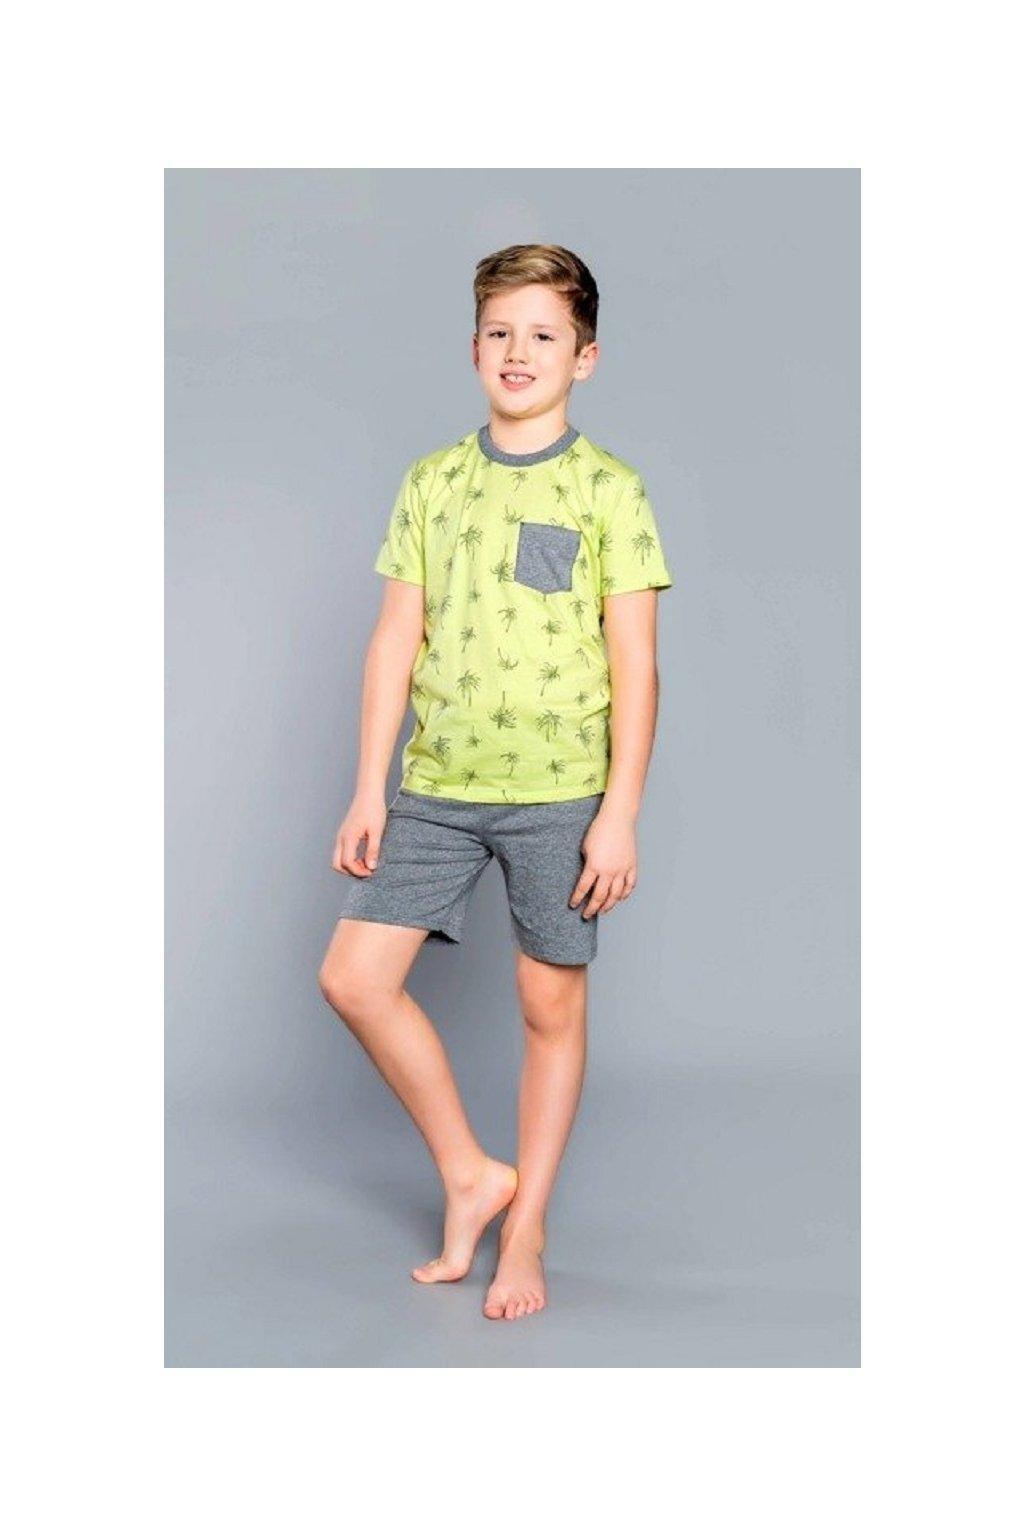 pol pl Monsun Pizama chlopieca krotki rekaw spodnie Italian Fashion limonka 45293 5